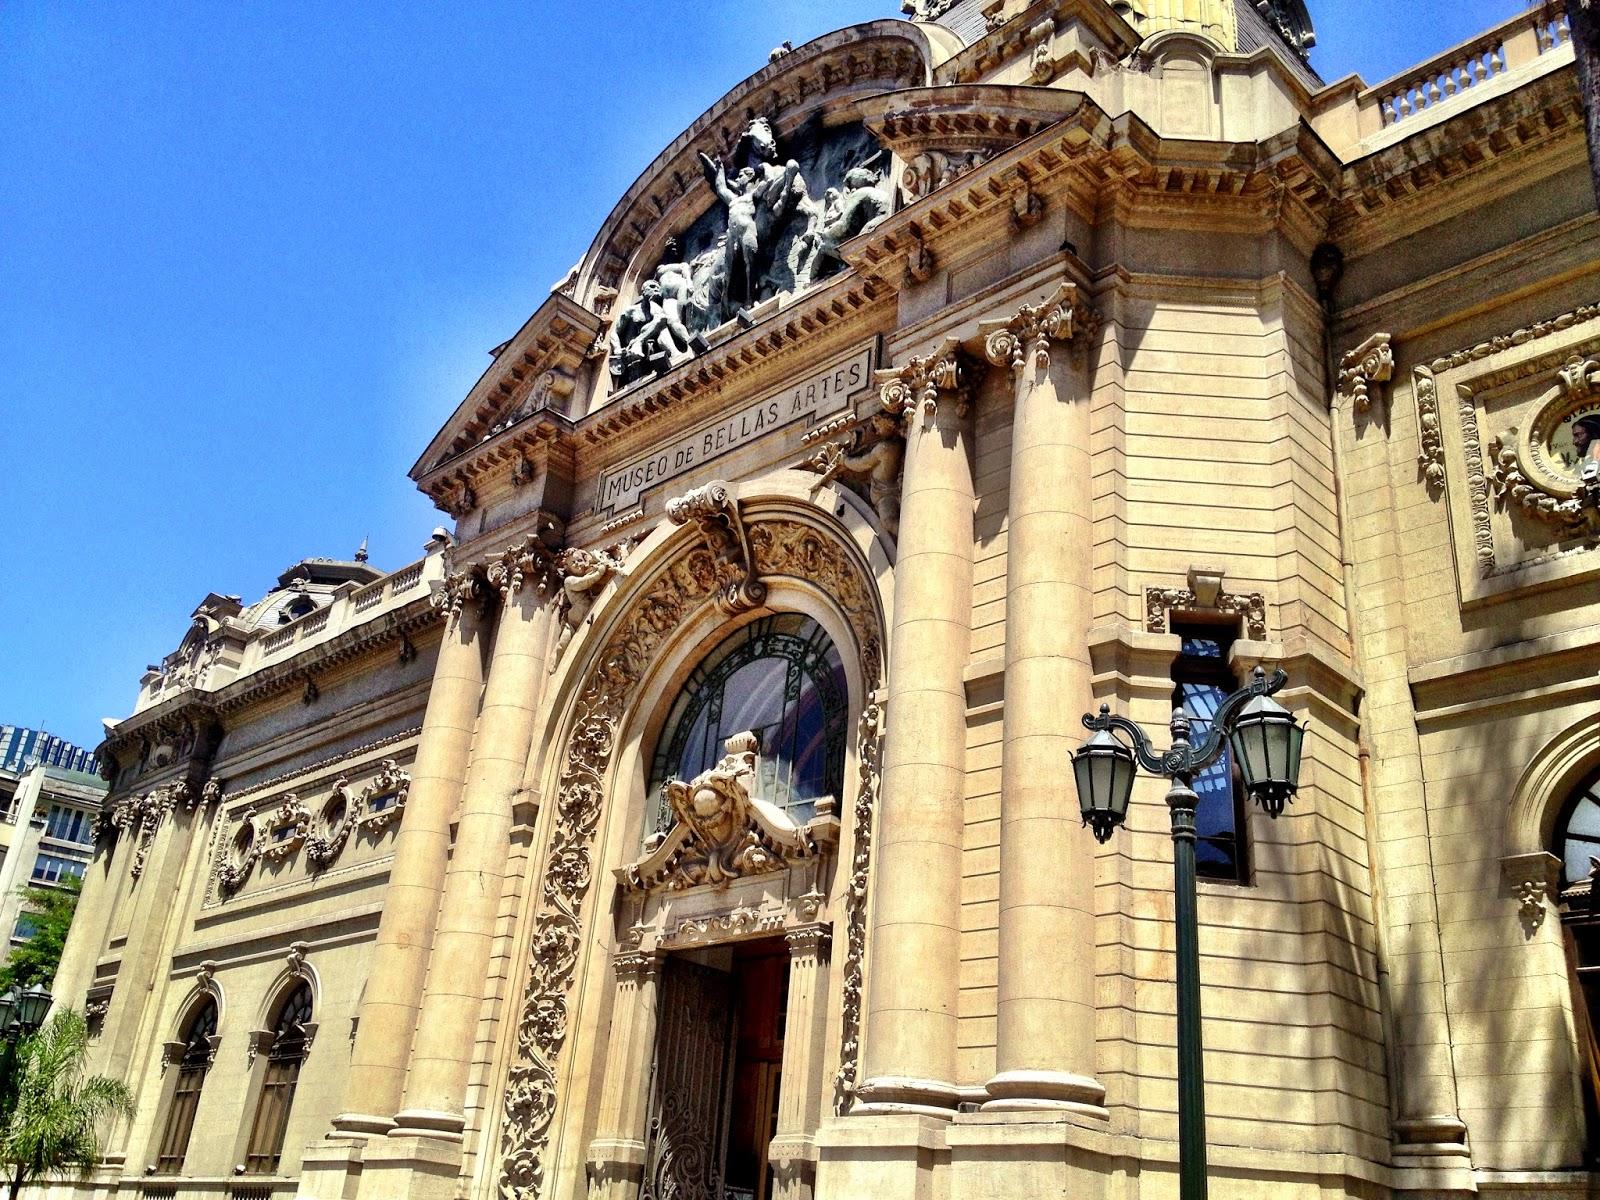 Museo de Bellas Artes, Santiago